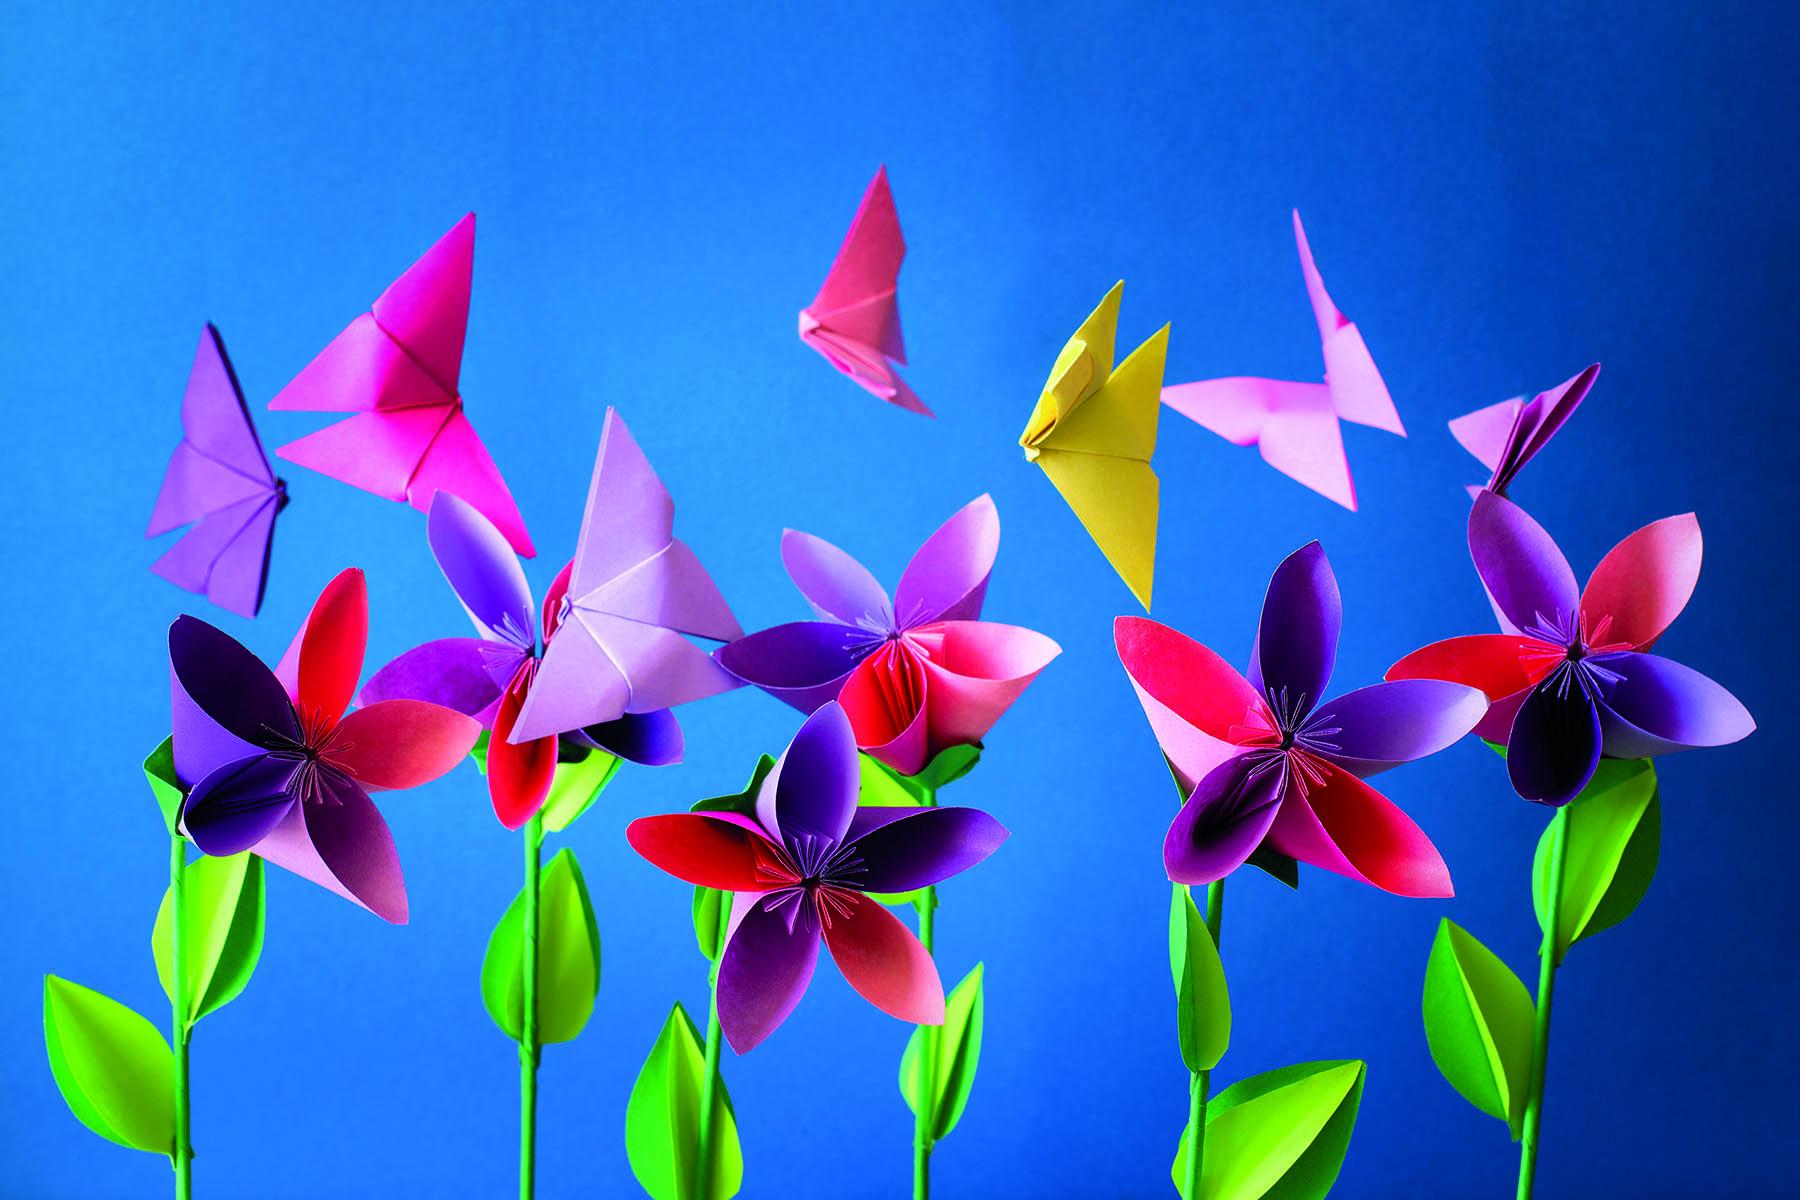 Pappersvikta blommor och fjärilar i olika färger